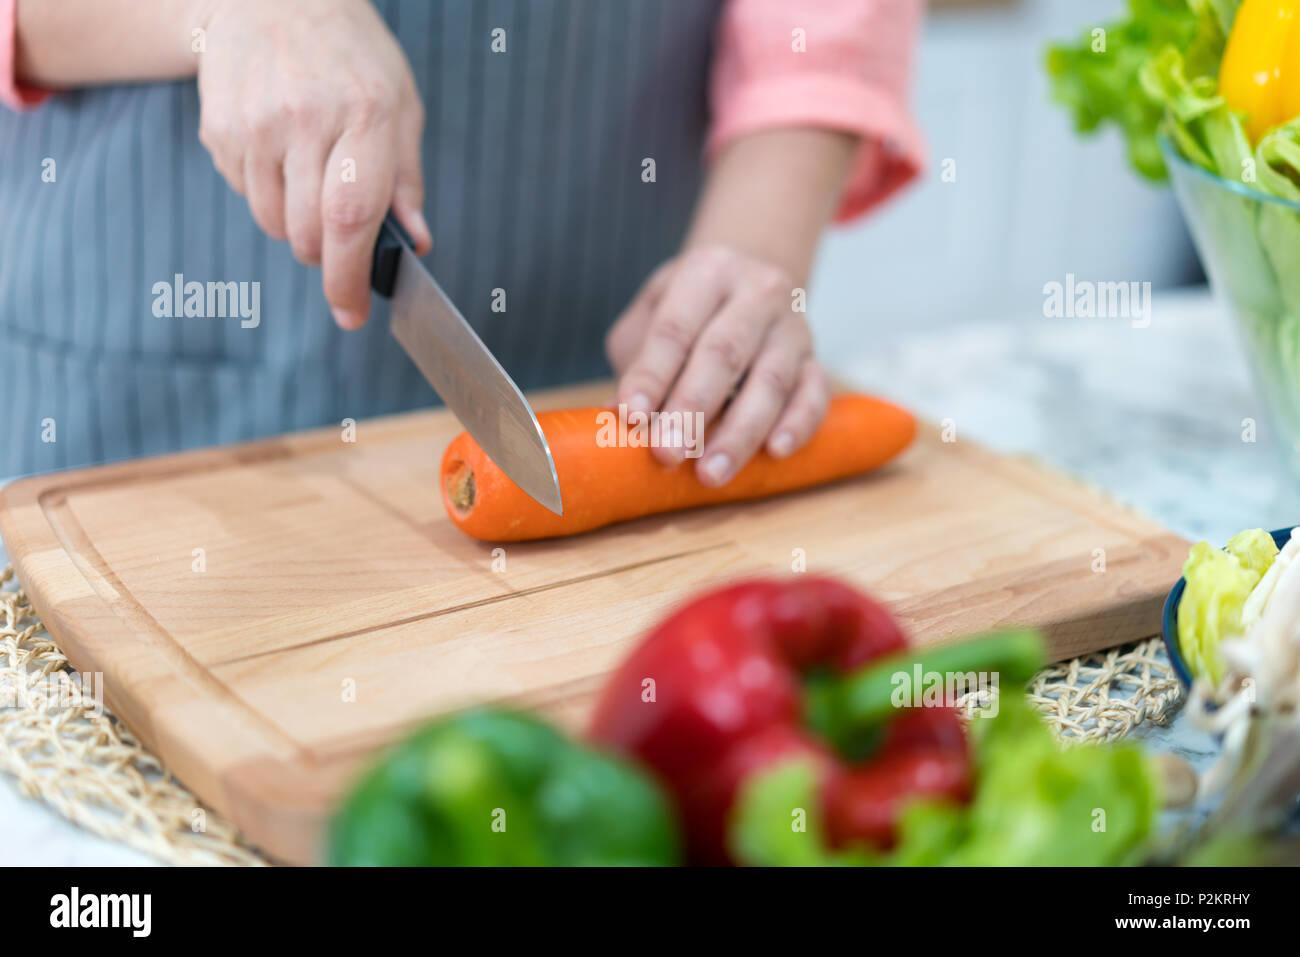 Couteau à la main avec la carotte. Femme prépare la nourriture à table. Chef cuisine délicieux dîner. Un travail qui nécessite des compétences. Photo Stock